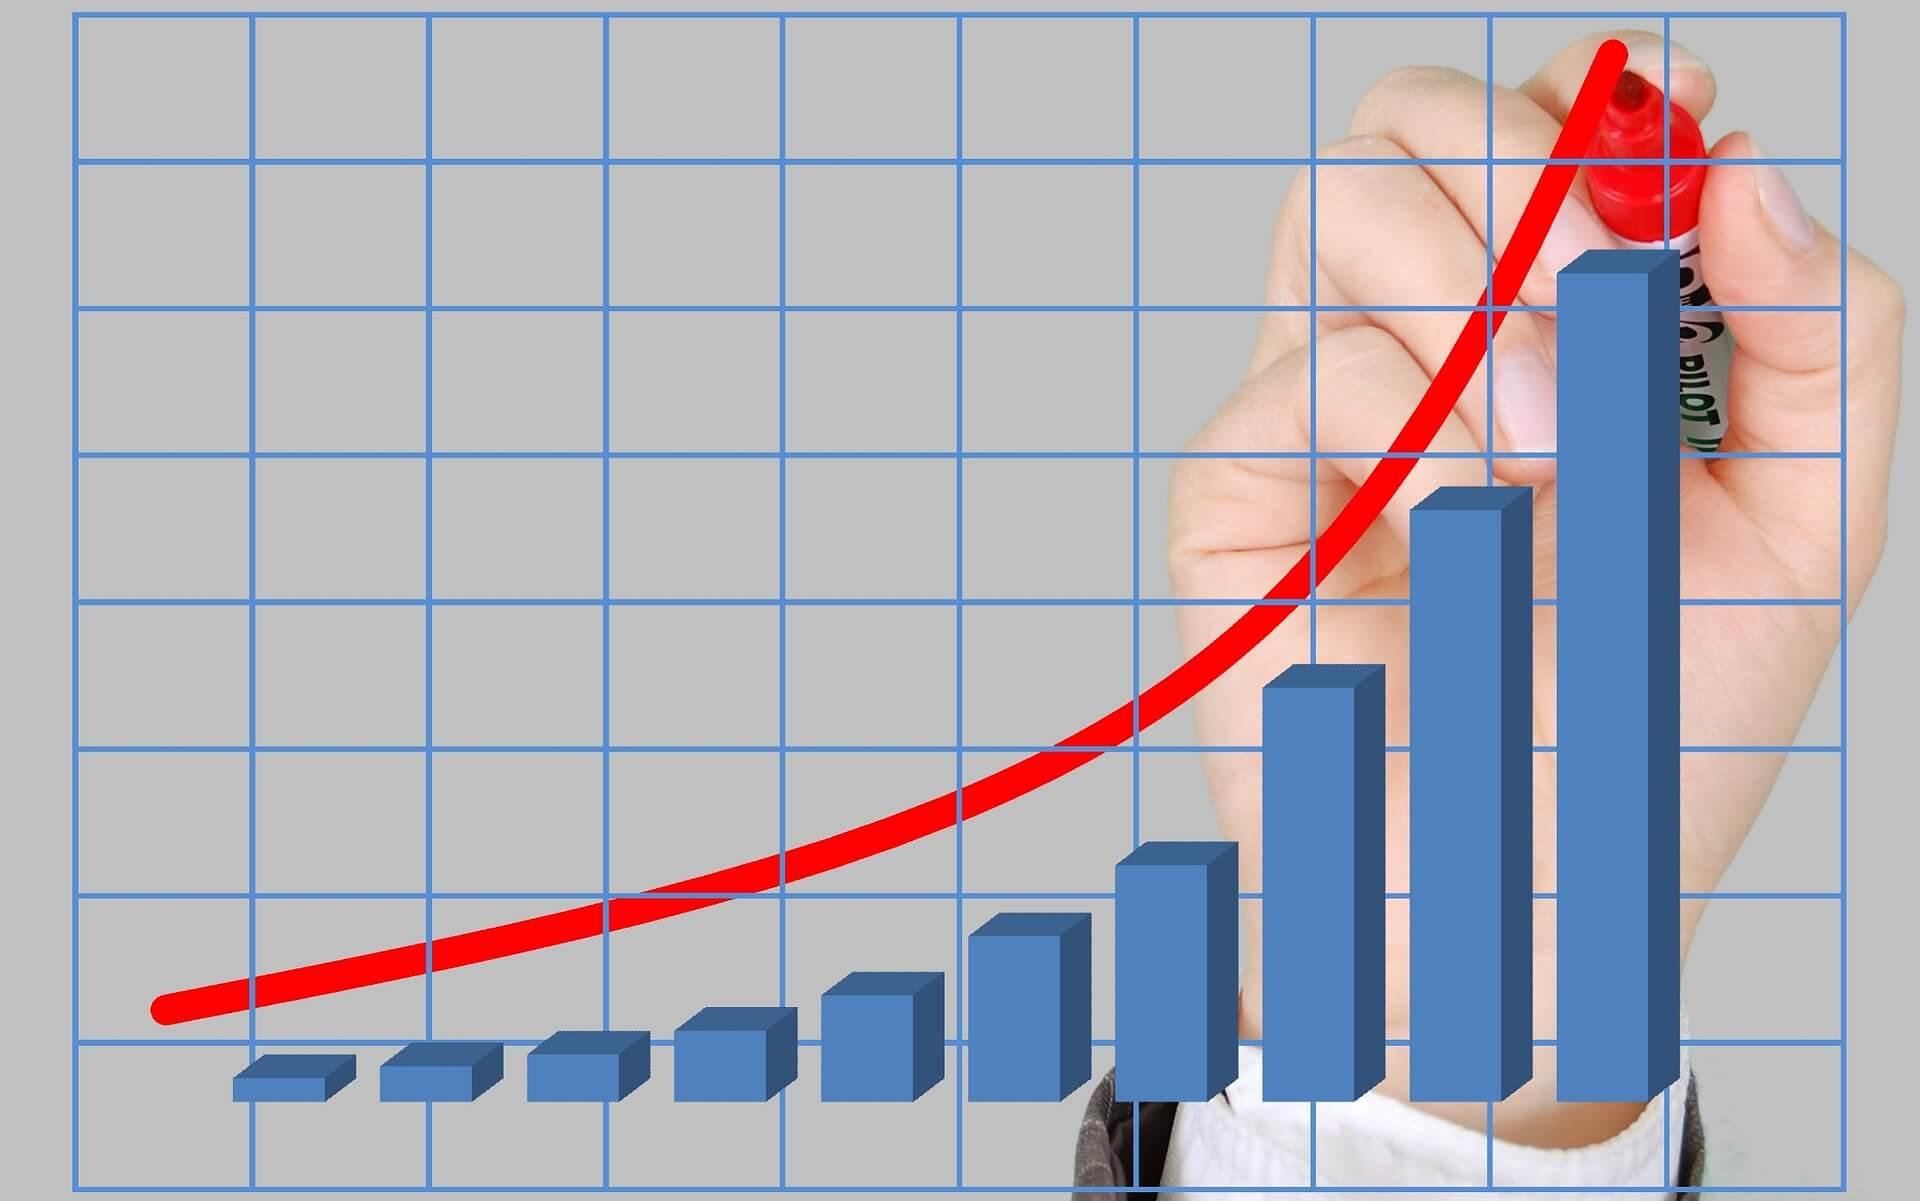 入居率を上げるためにできる7つの改善方法